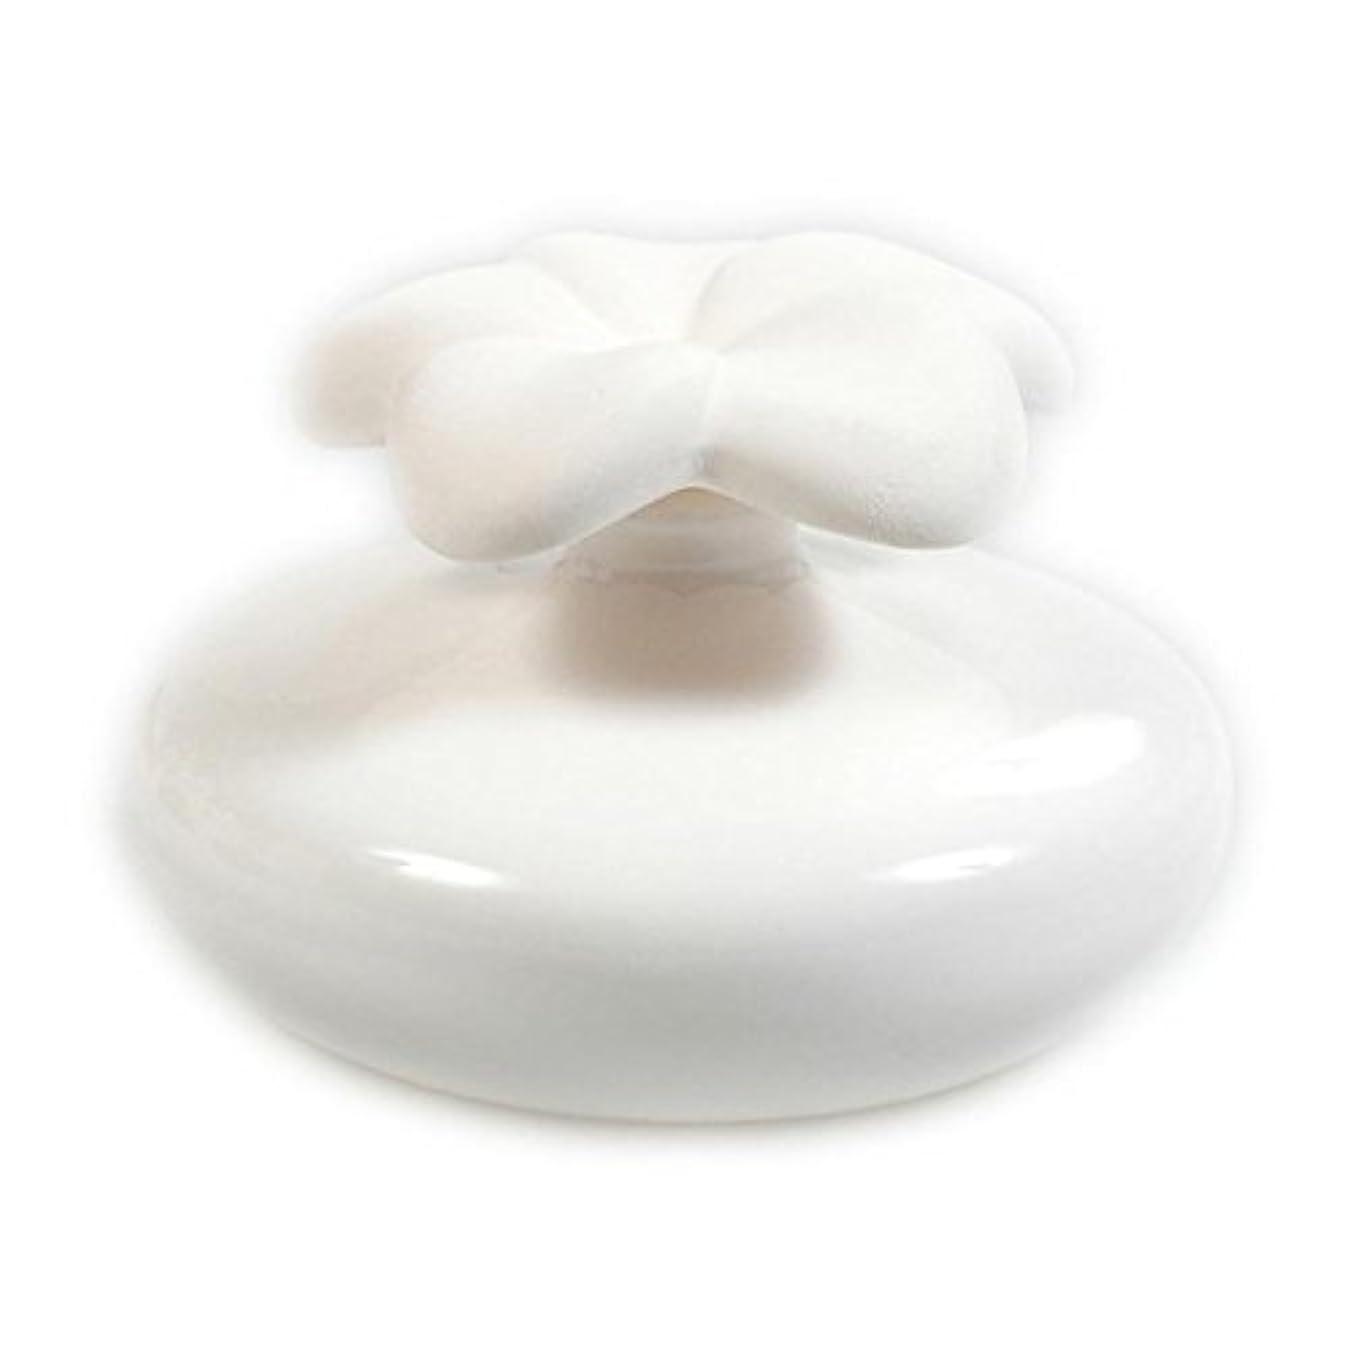 満員ハイブリッド記念碑的なMillefiori FIORE ルームフレグランス用 花の形のセラミックディフューザー Mサイズ ホワイト LDIF-FM-001